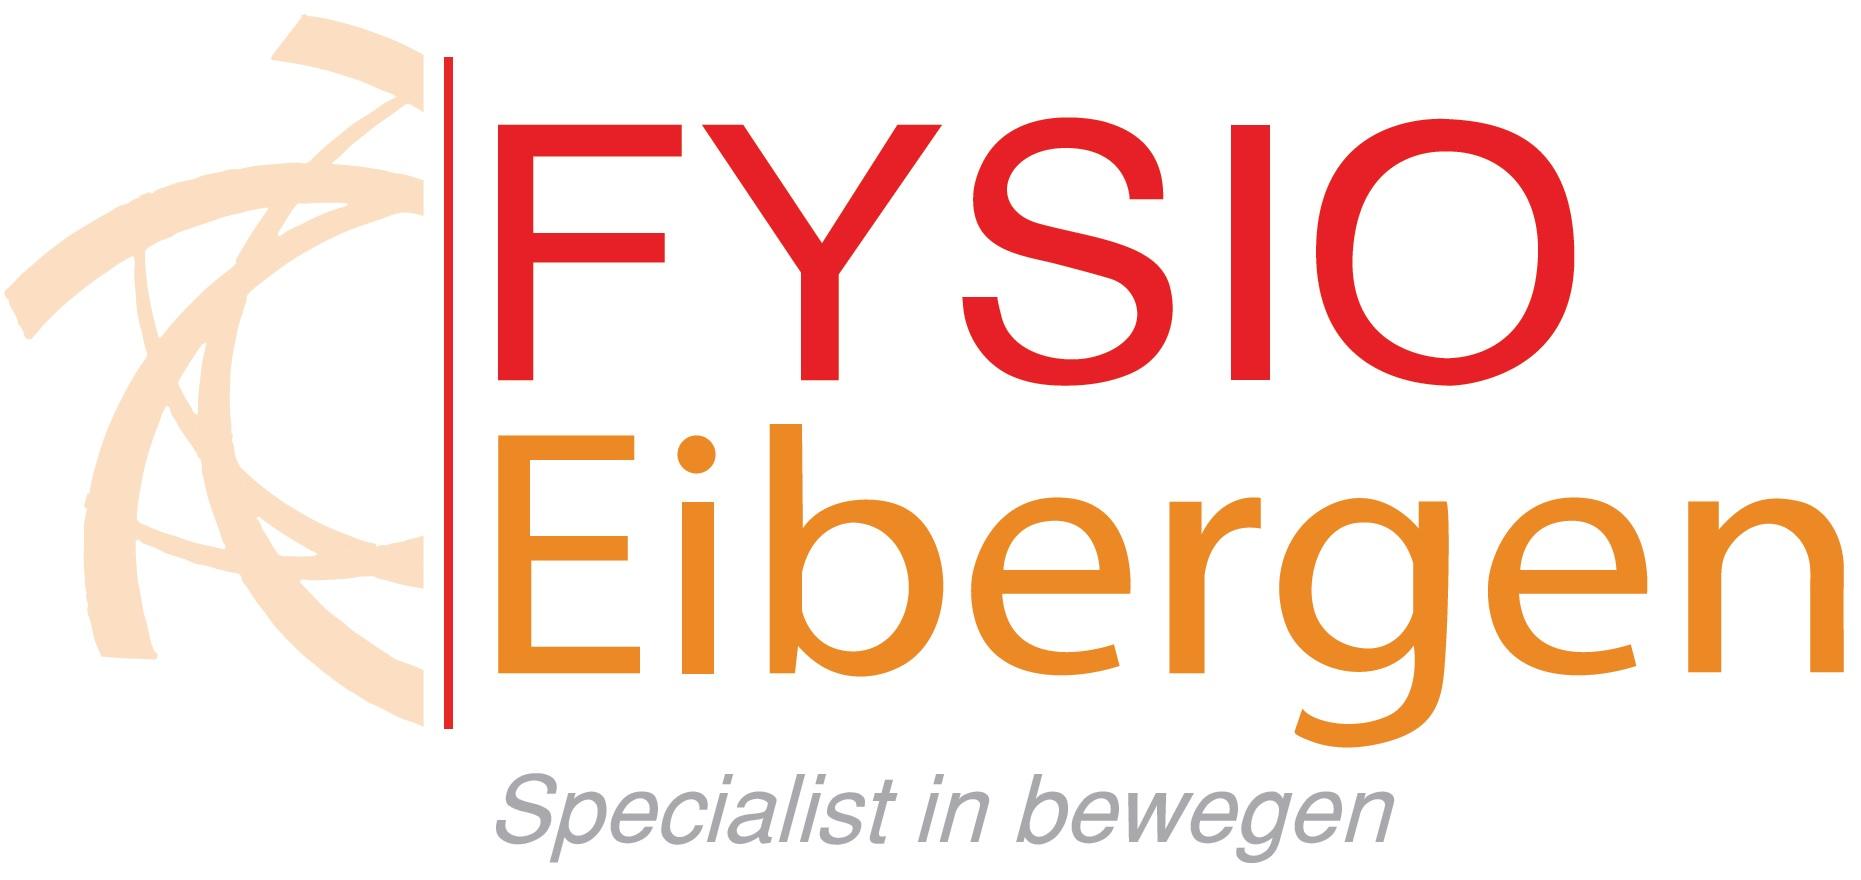 FYSIO Eibergen